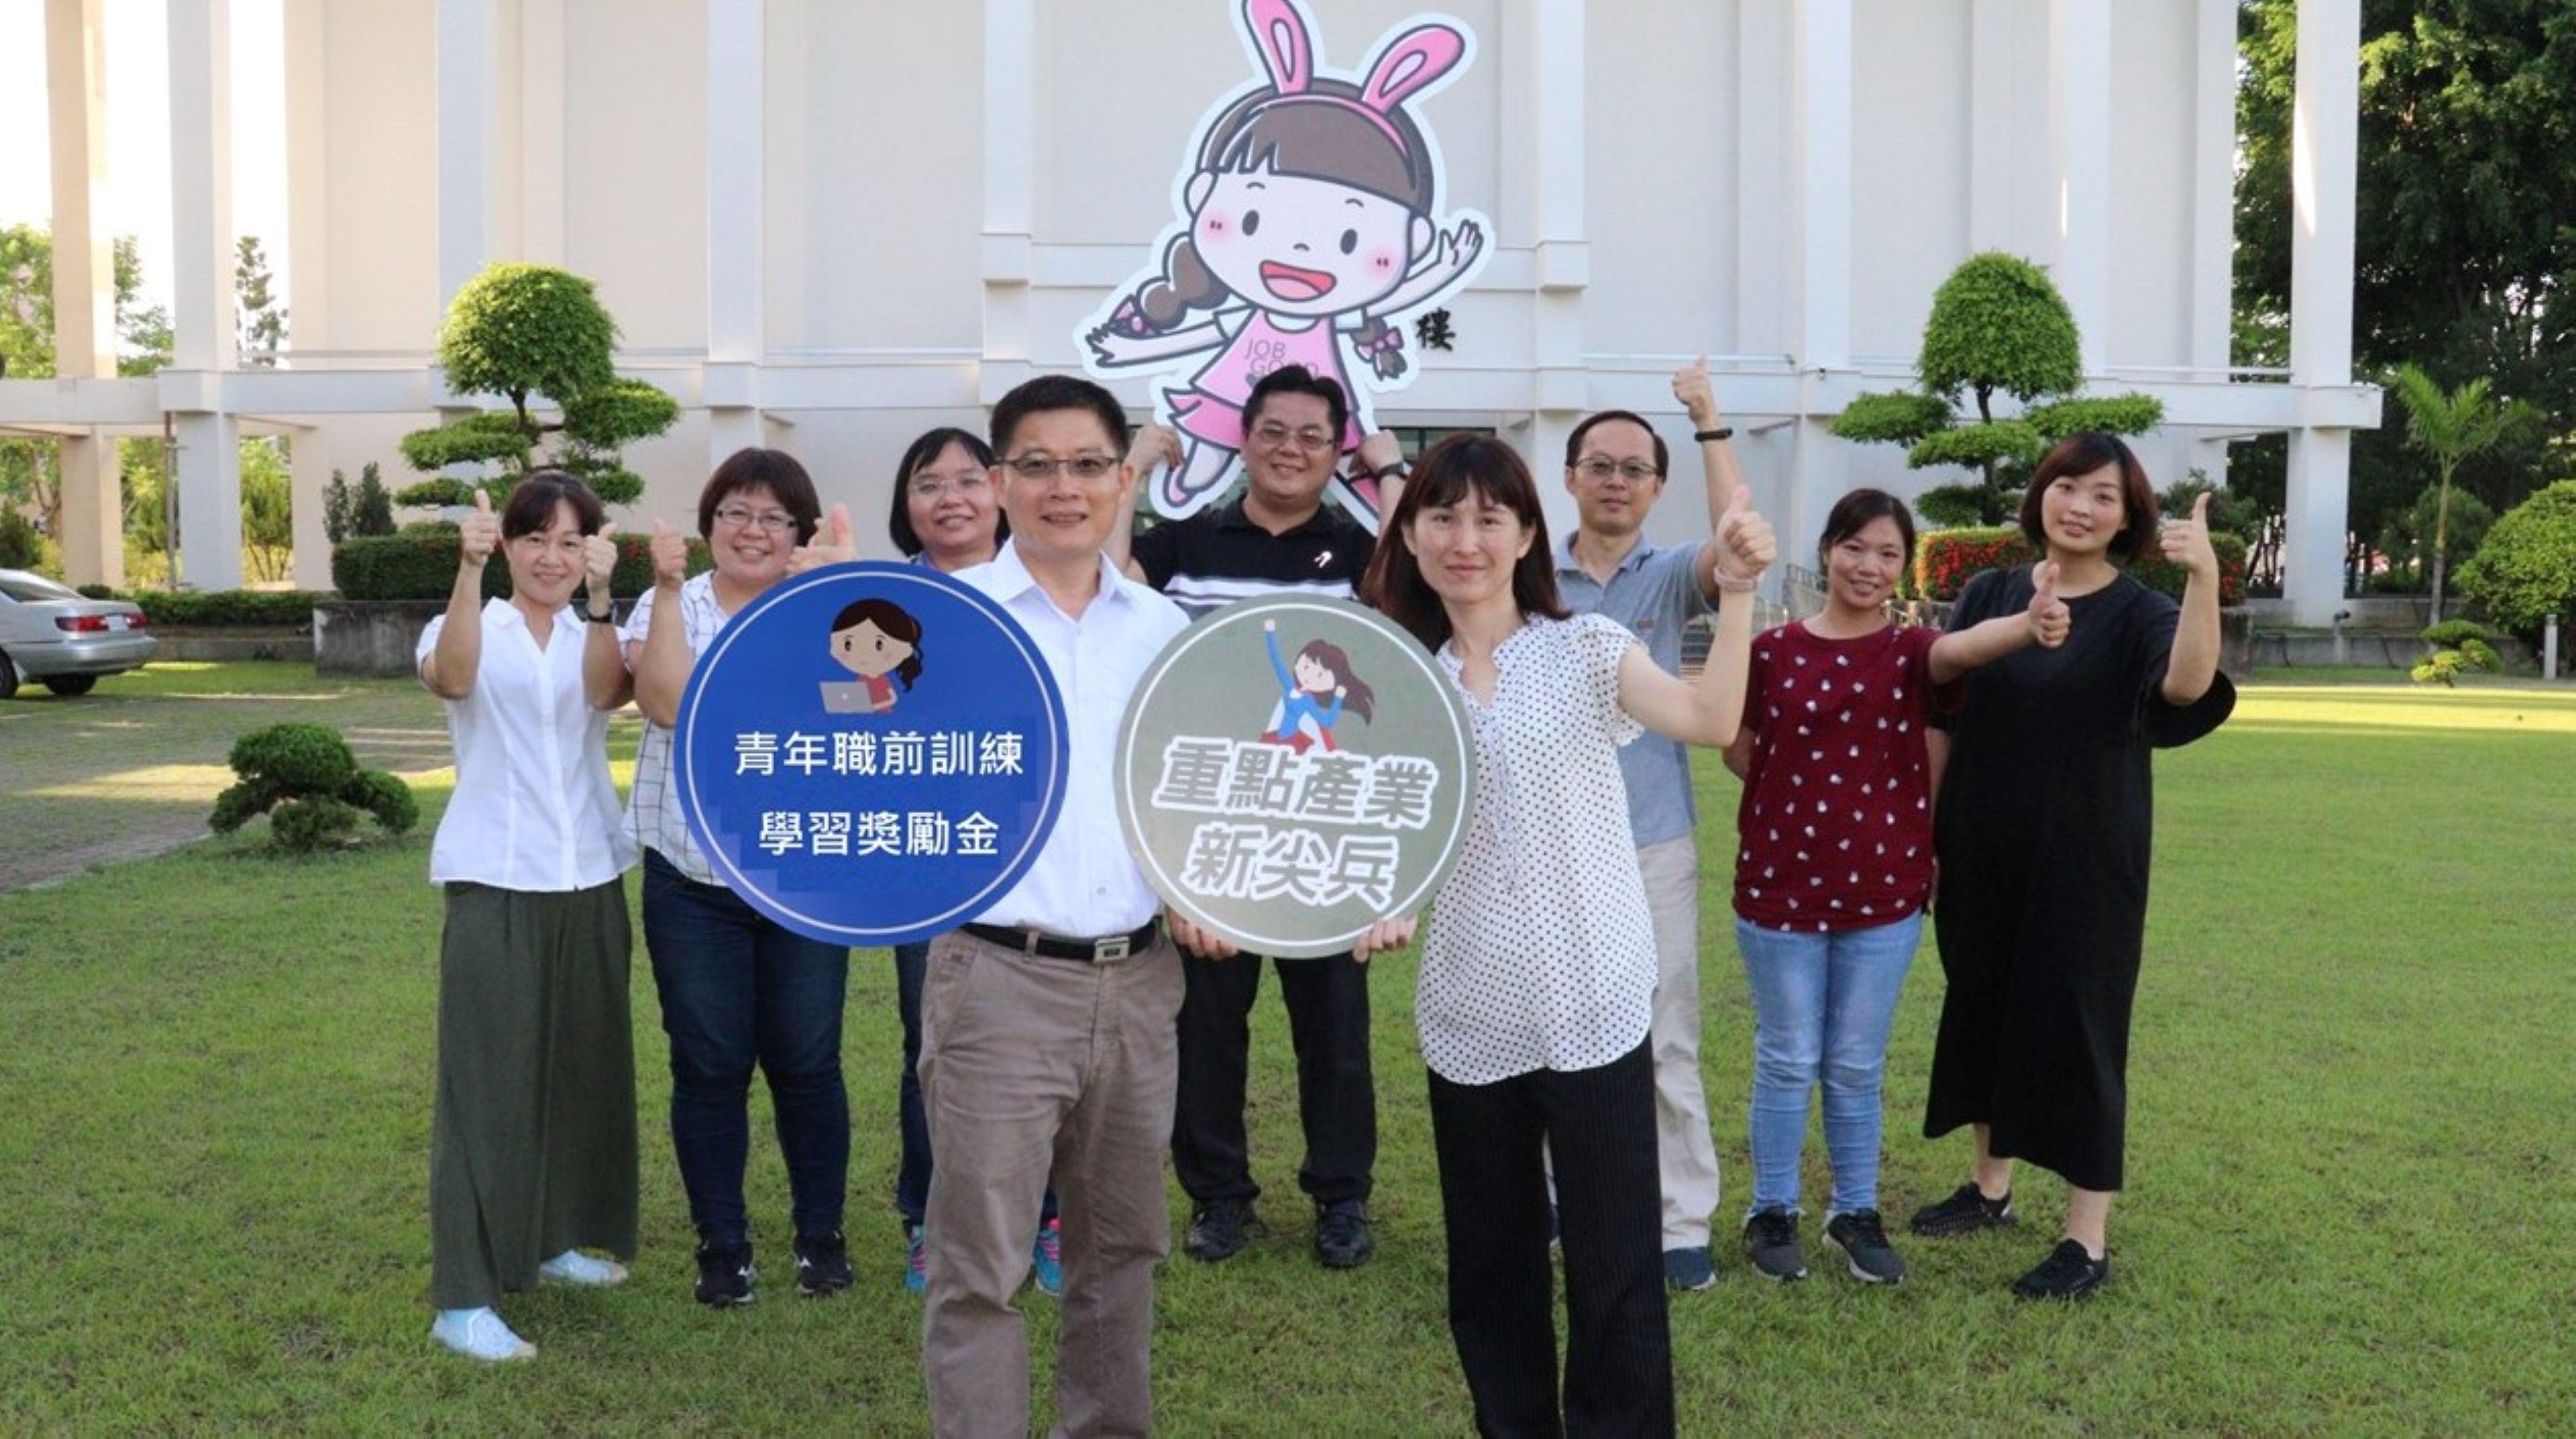 勞動部青年職訓獎勵金最高9.6萬 雲嘉南逾100課程可報名